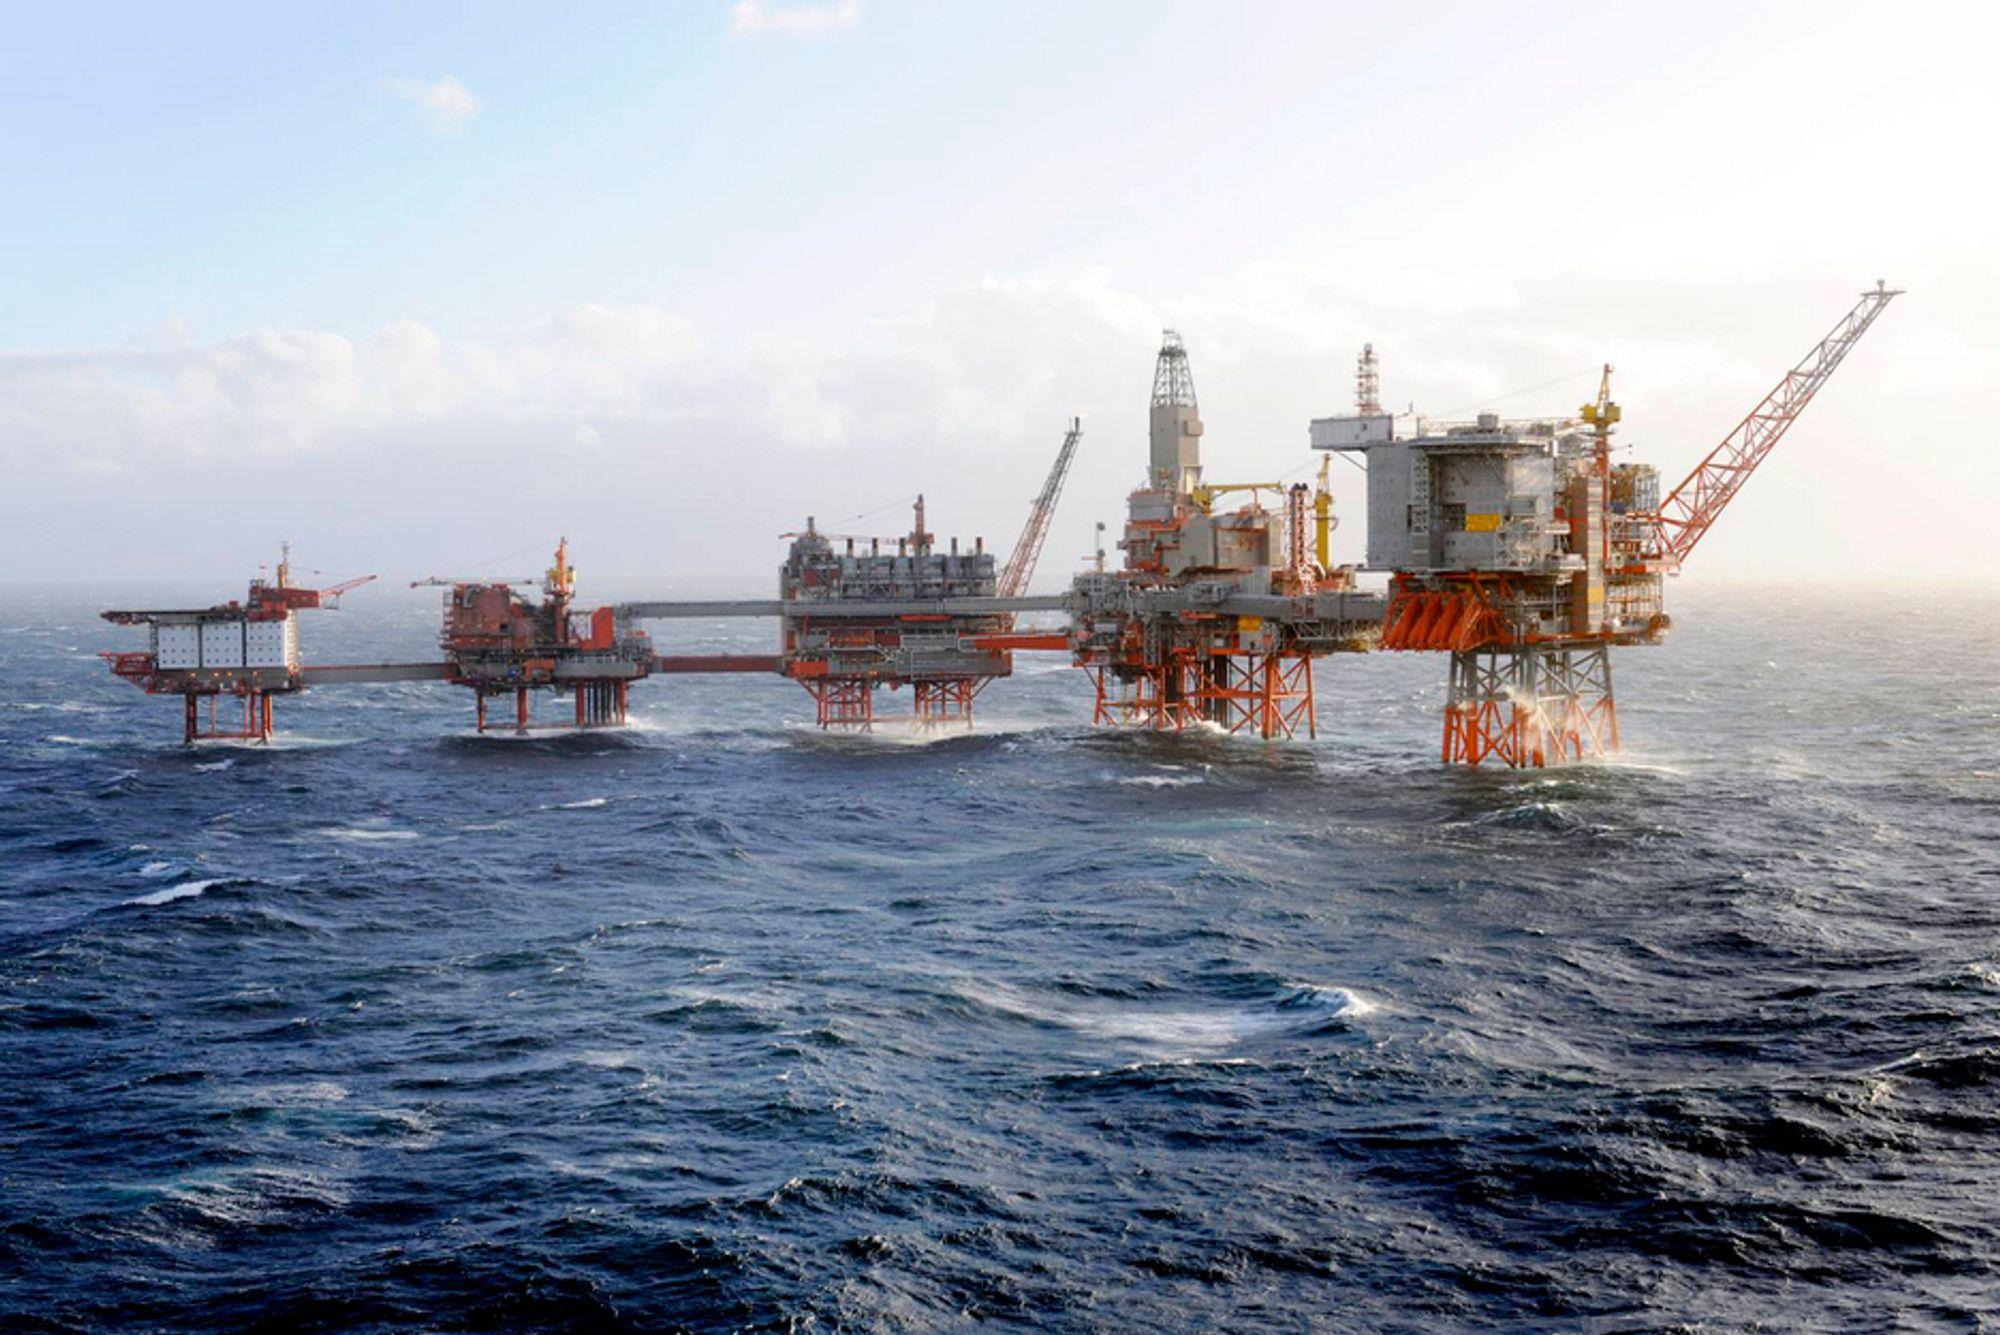 FIKK JA: BP har fått tillatelse av departementet til å styre produksjonen på Valhall. De ansatte kaller det et slag i trynet.